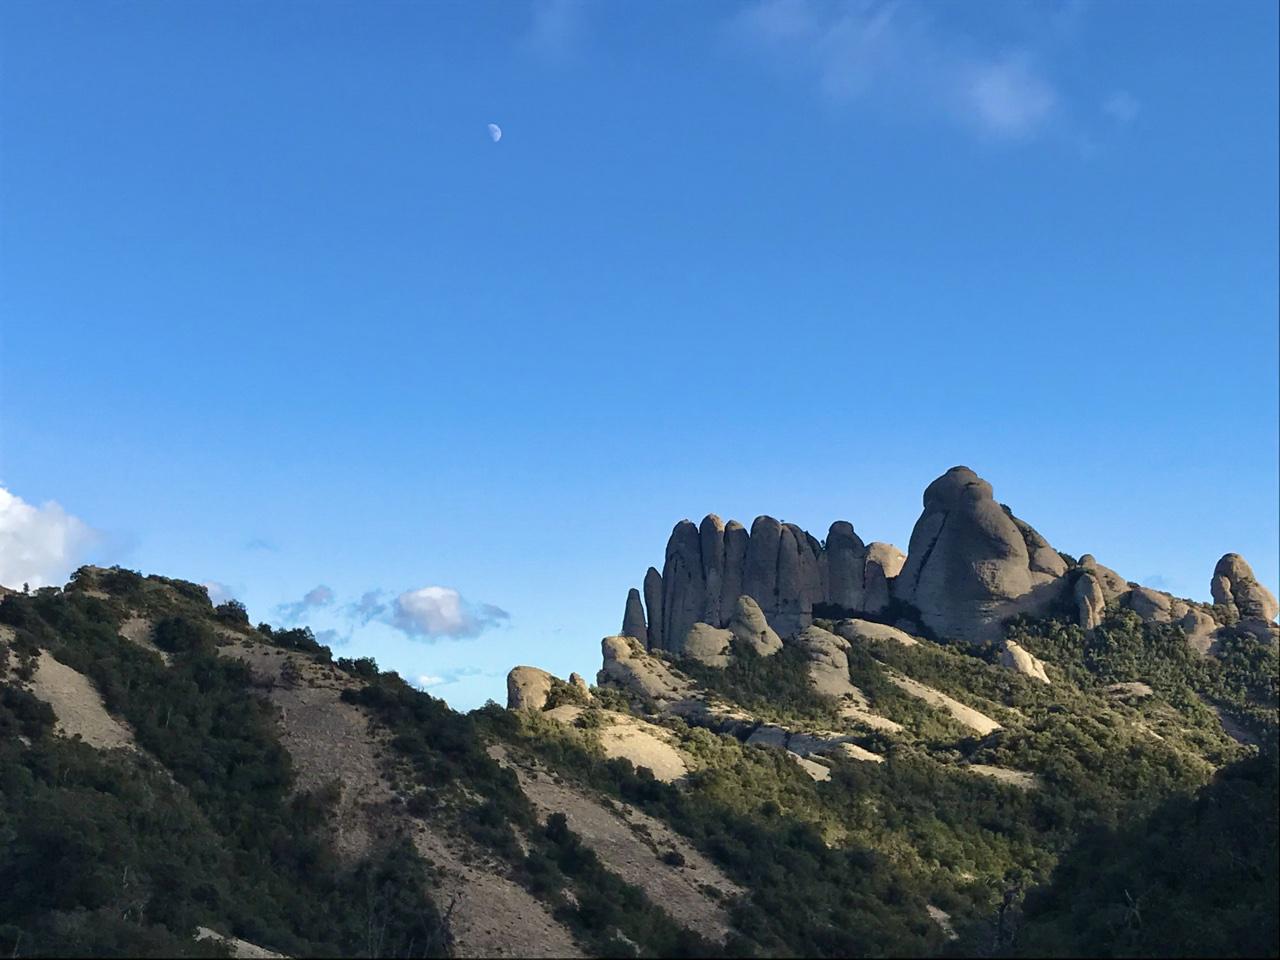 Uma das vistas espetaculares da montanha vista do alto durante caminhada